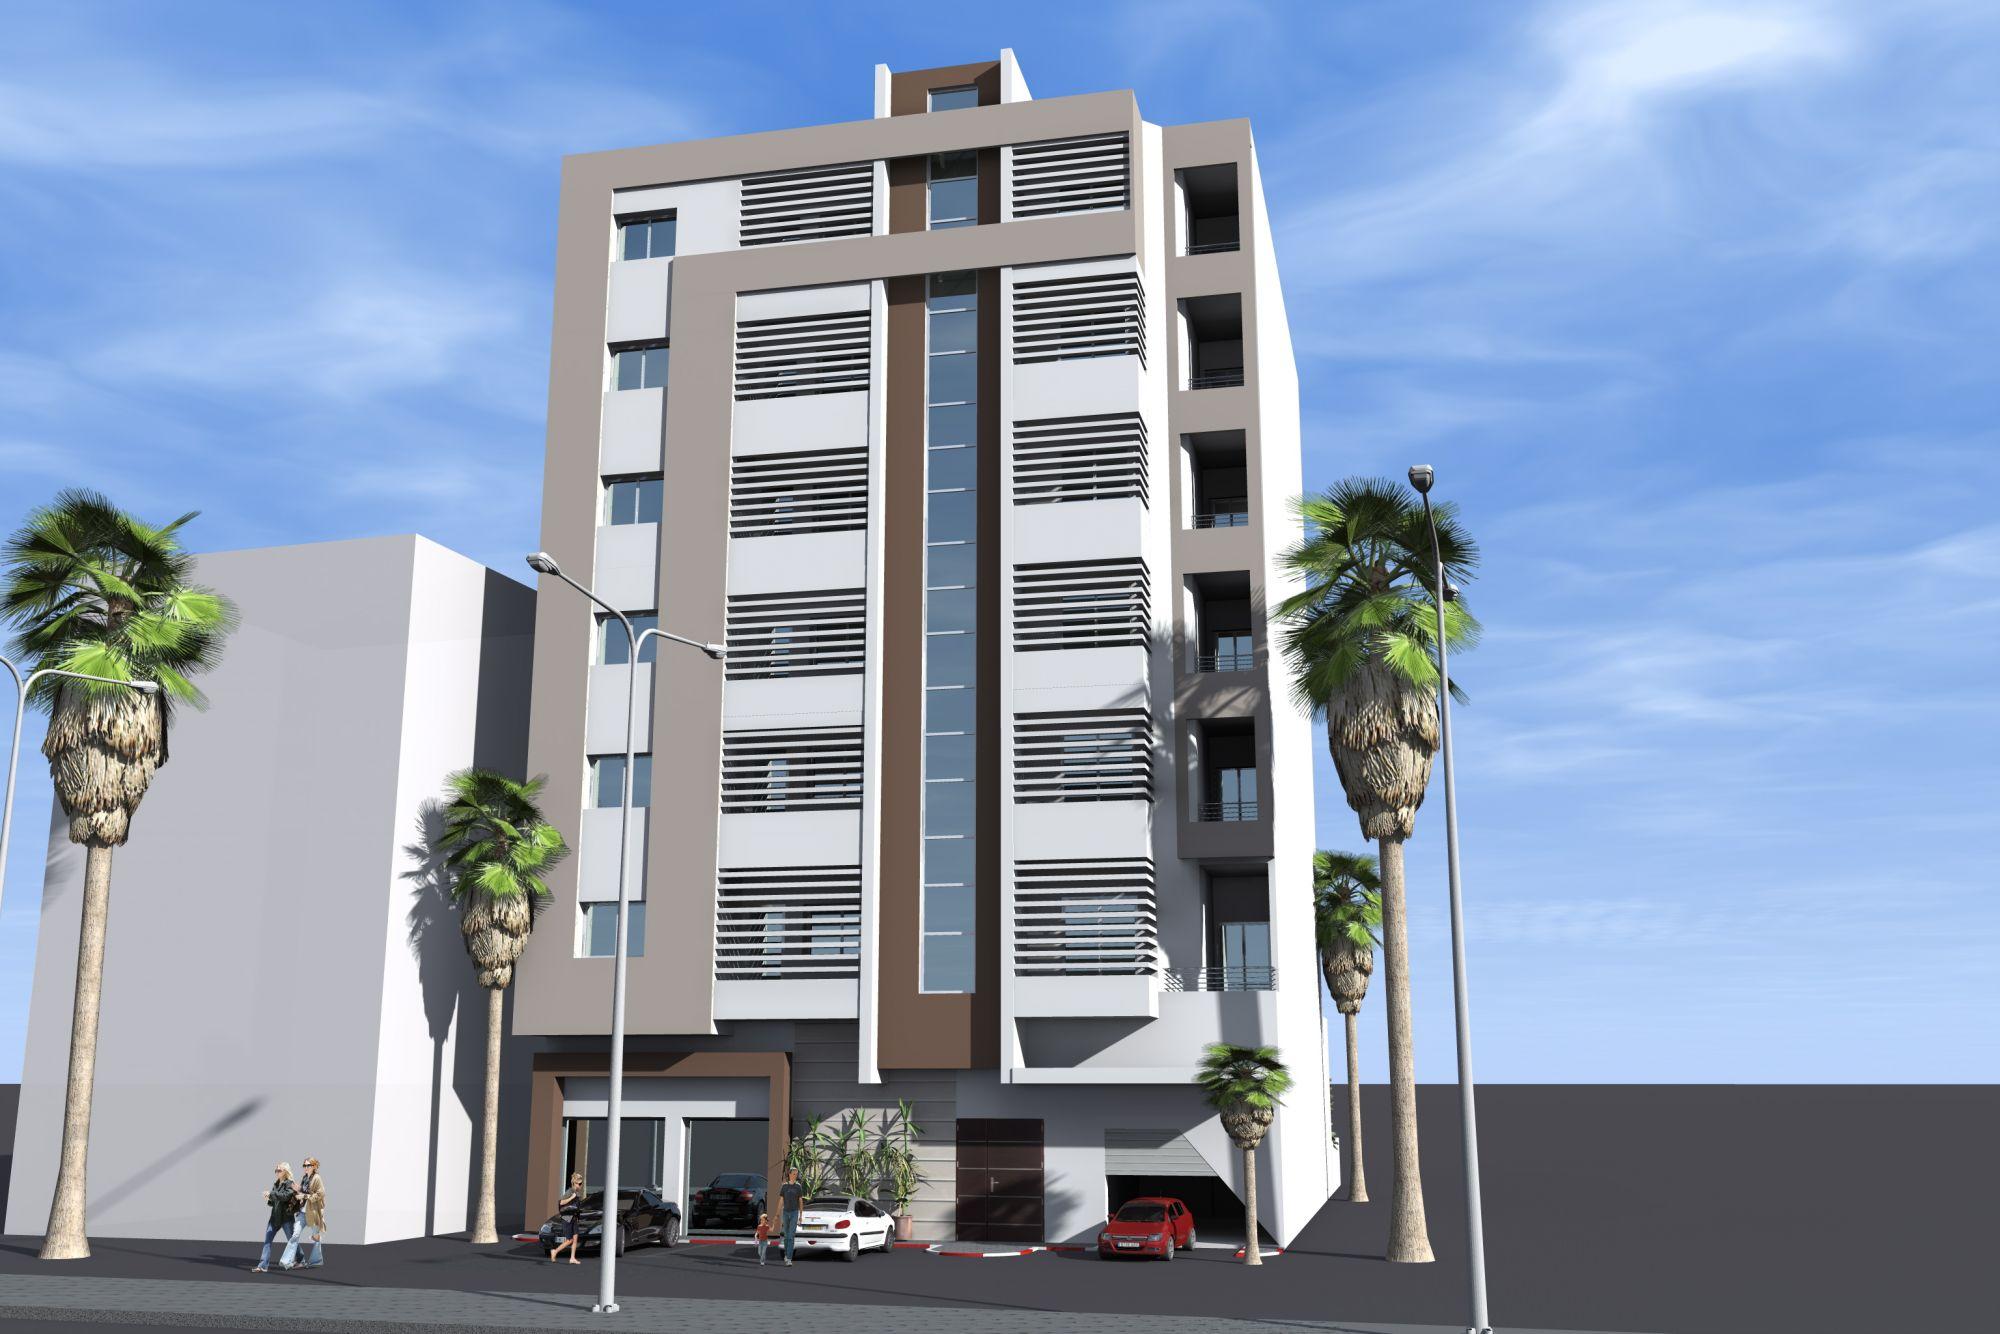 Residence emna sfax sakiet ezzit appartements de haut standing vente appartement sakiet ezzit - Residence de haut standing rubio ...